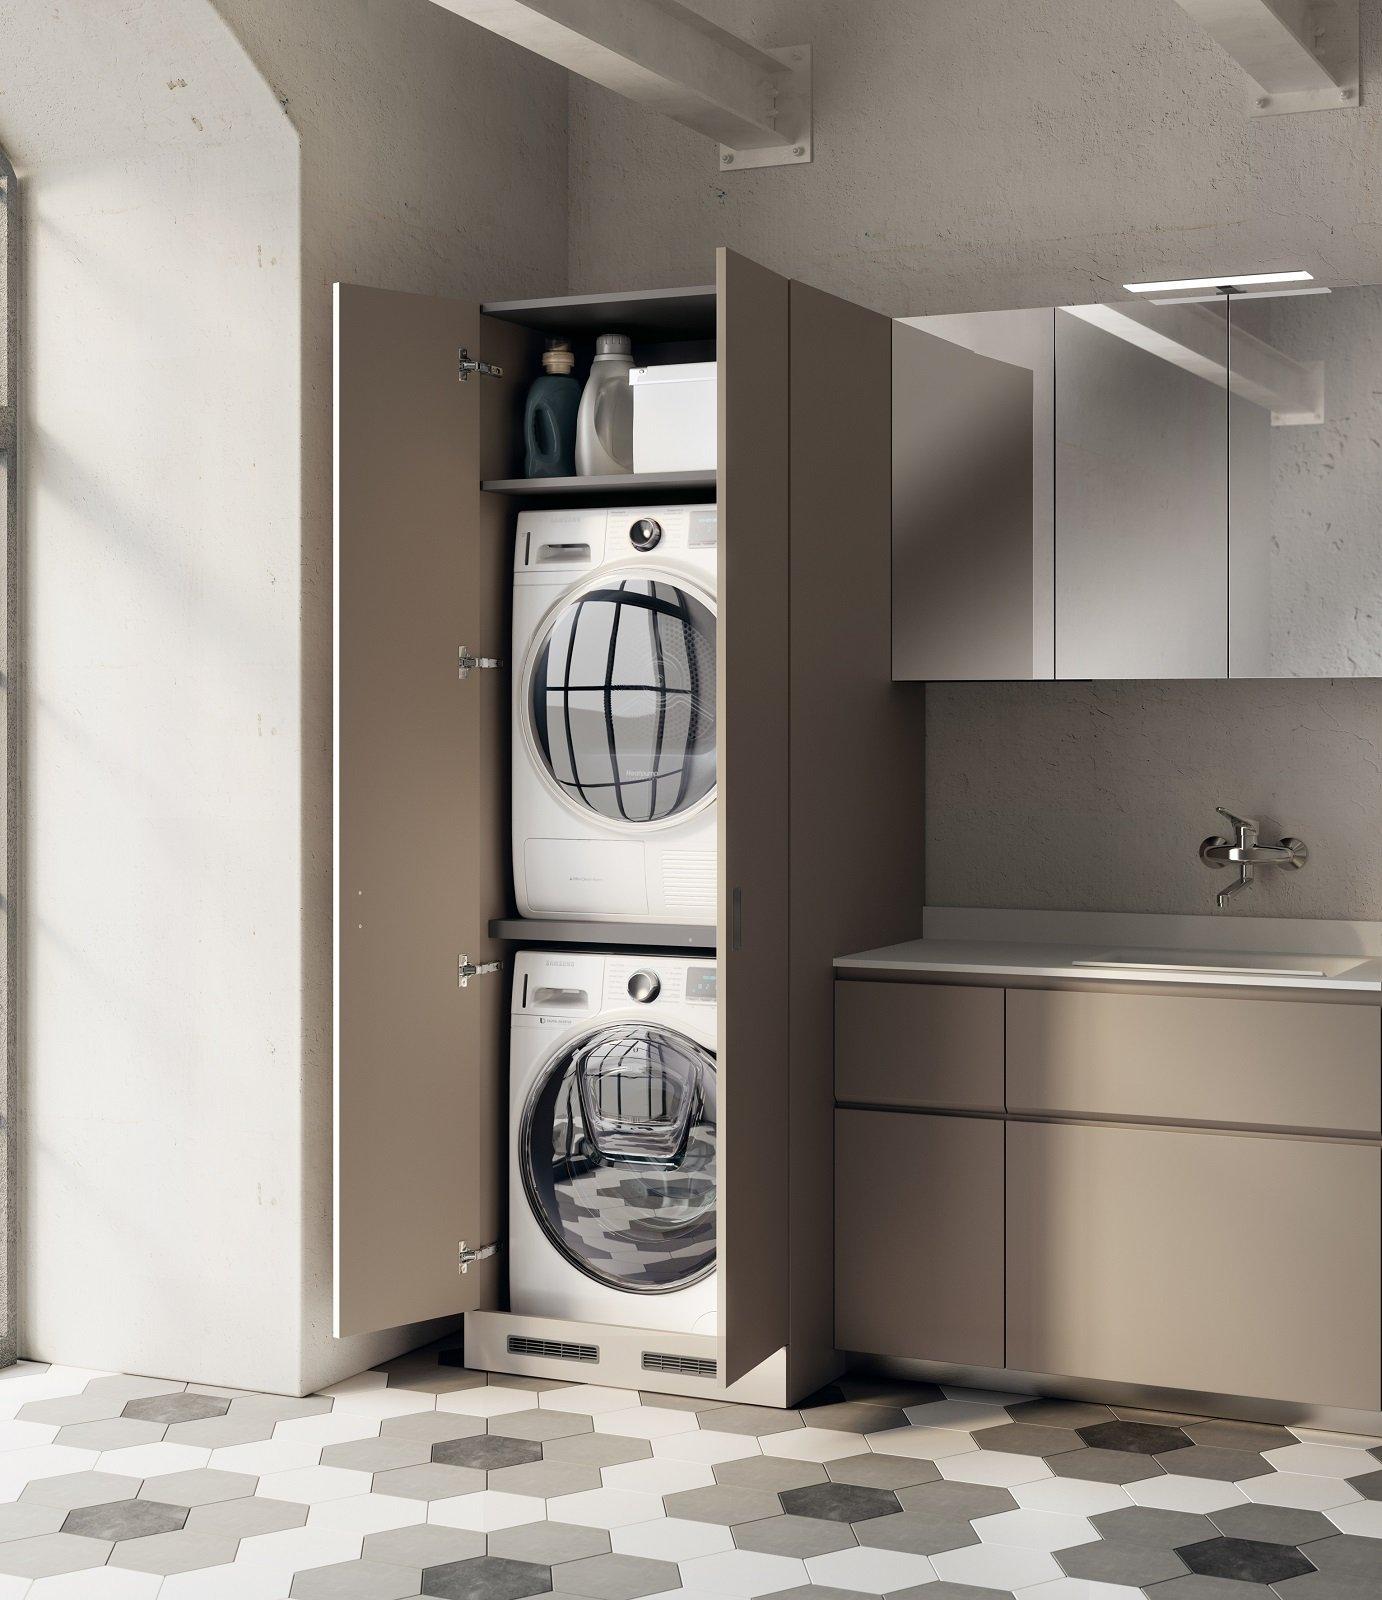 Lavanderia in bagno cose di casa for Lavatrice e asciugatrice in colonna